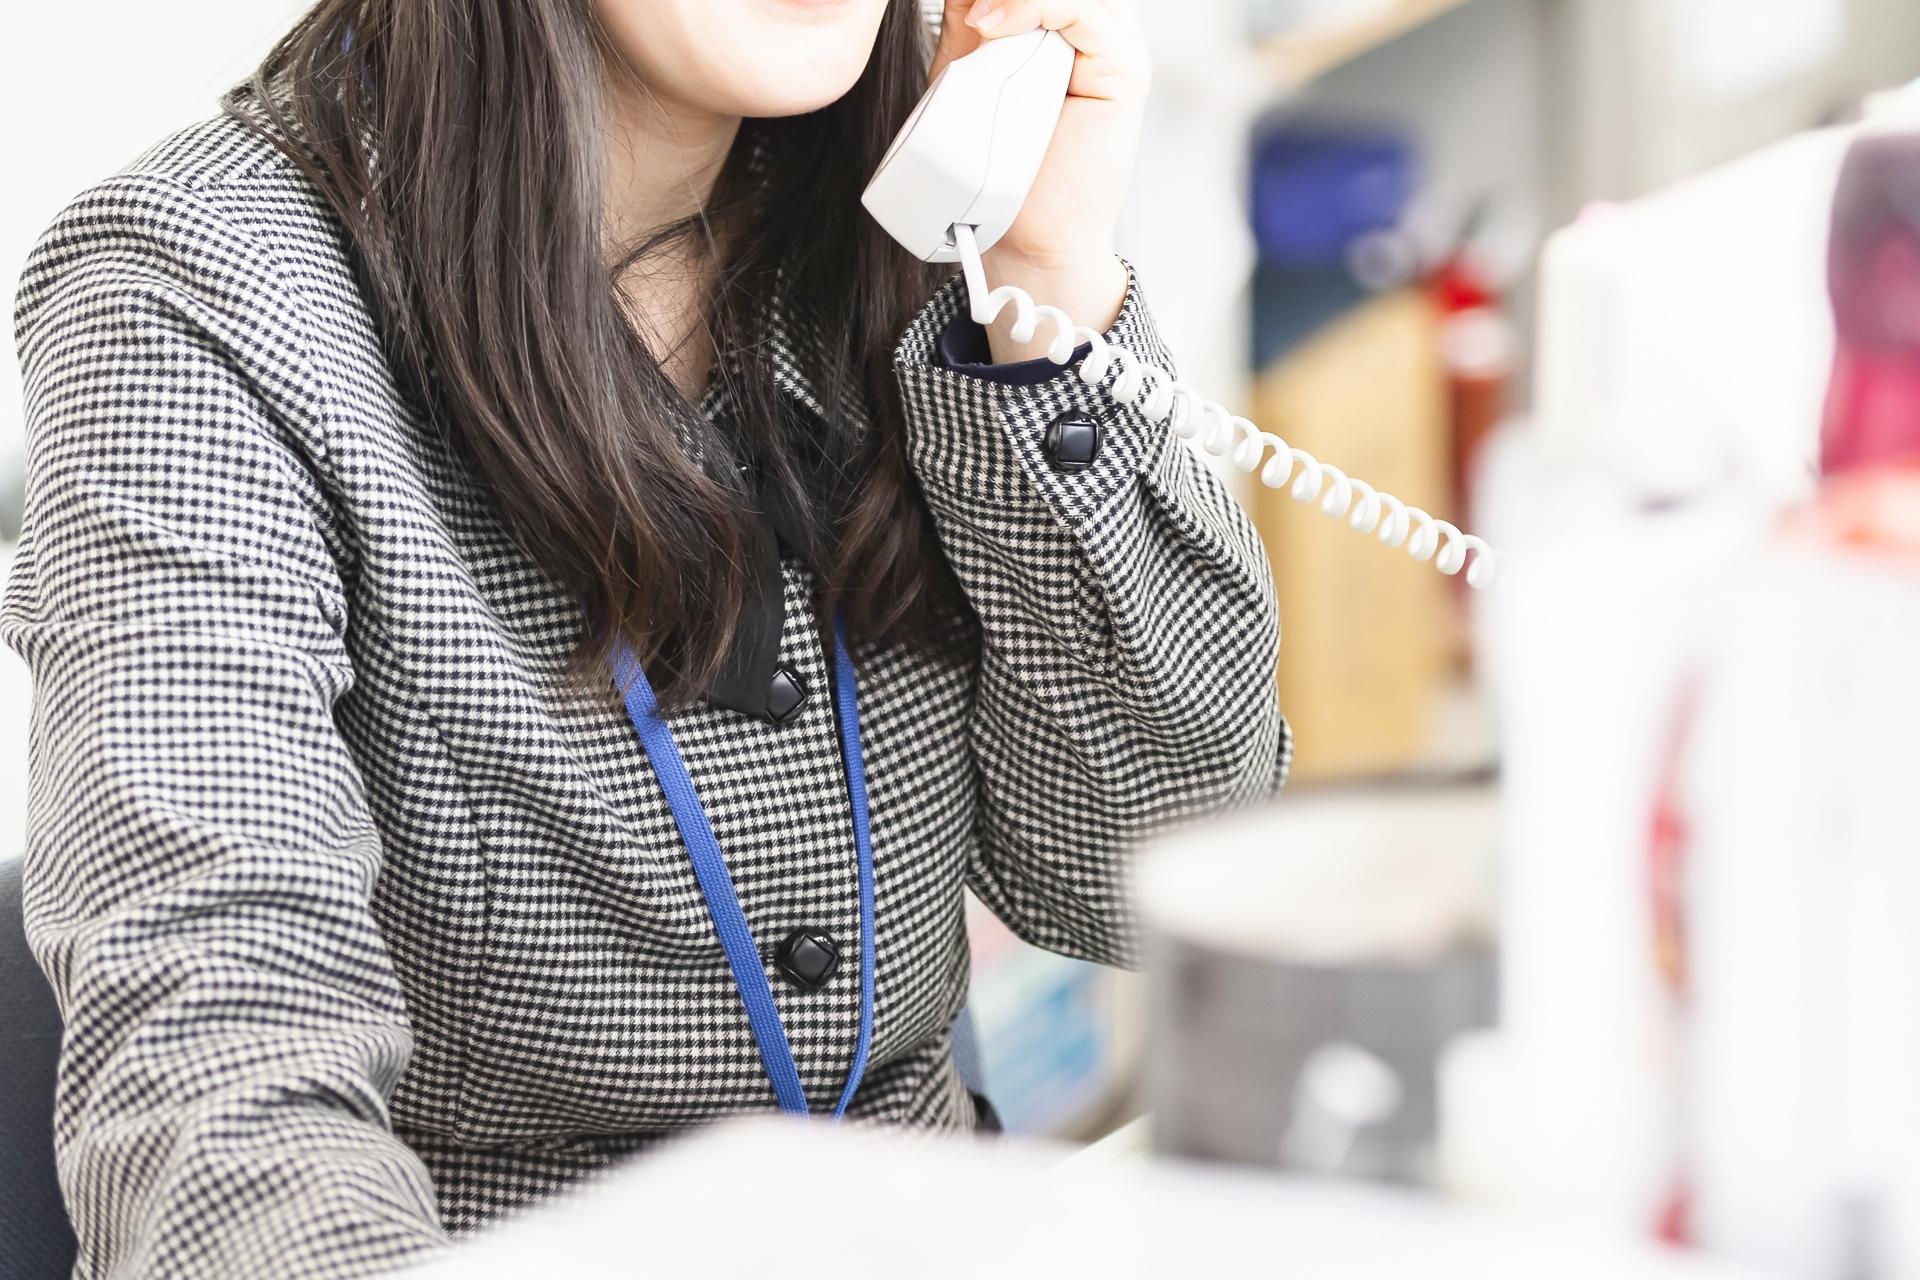 通信会社でのネット回線敷設日程調整のお仕事